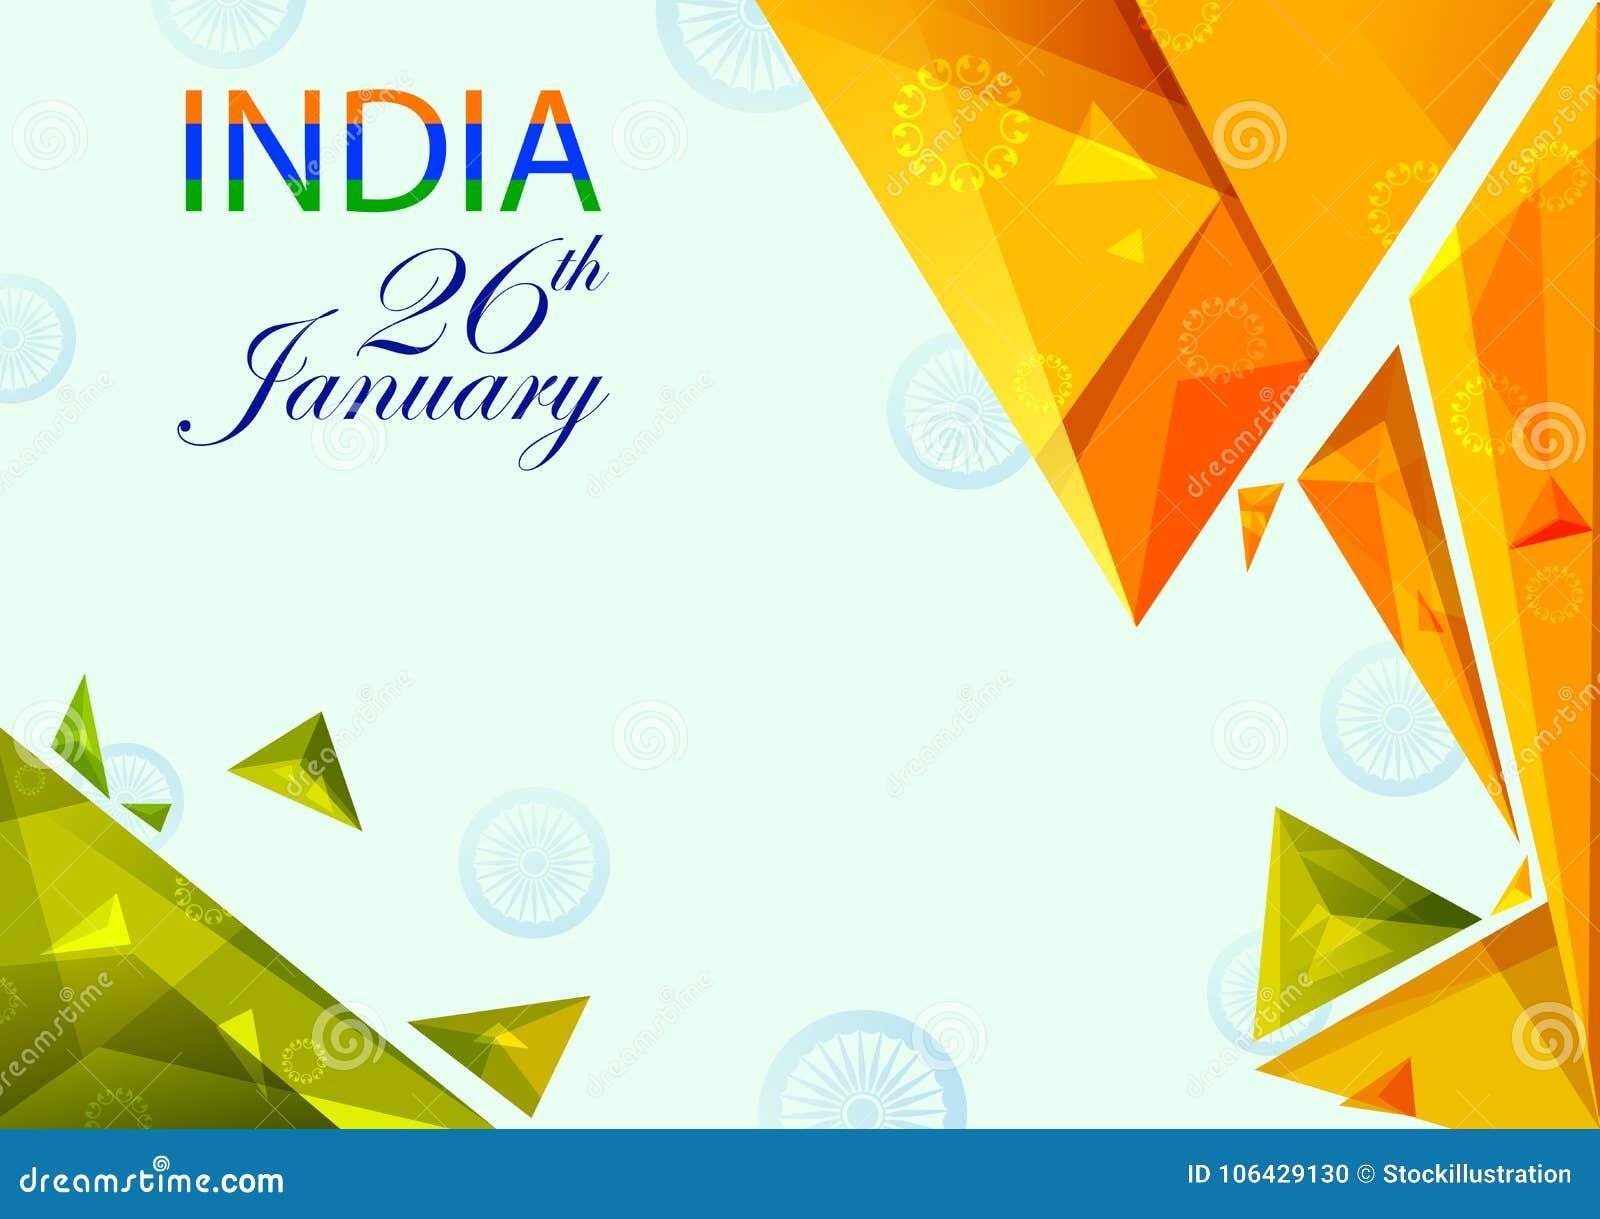 26 Januari, de Gelukkige Dag van de Republiek van India